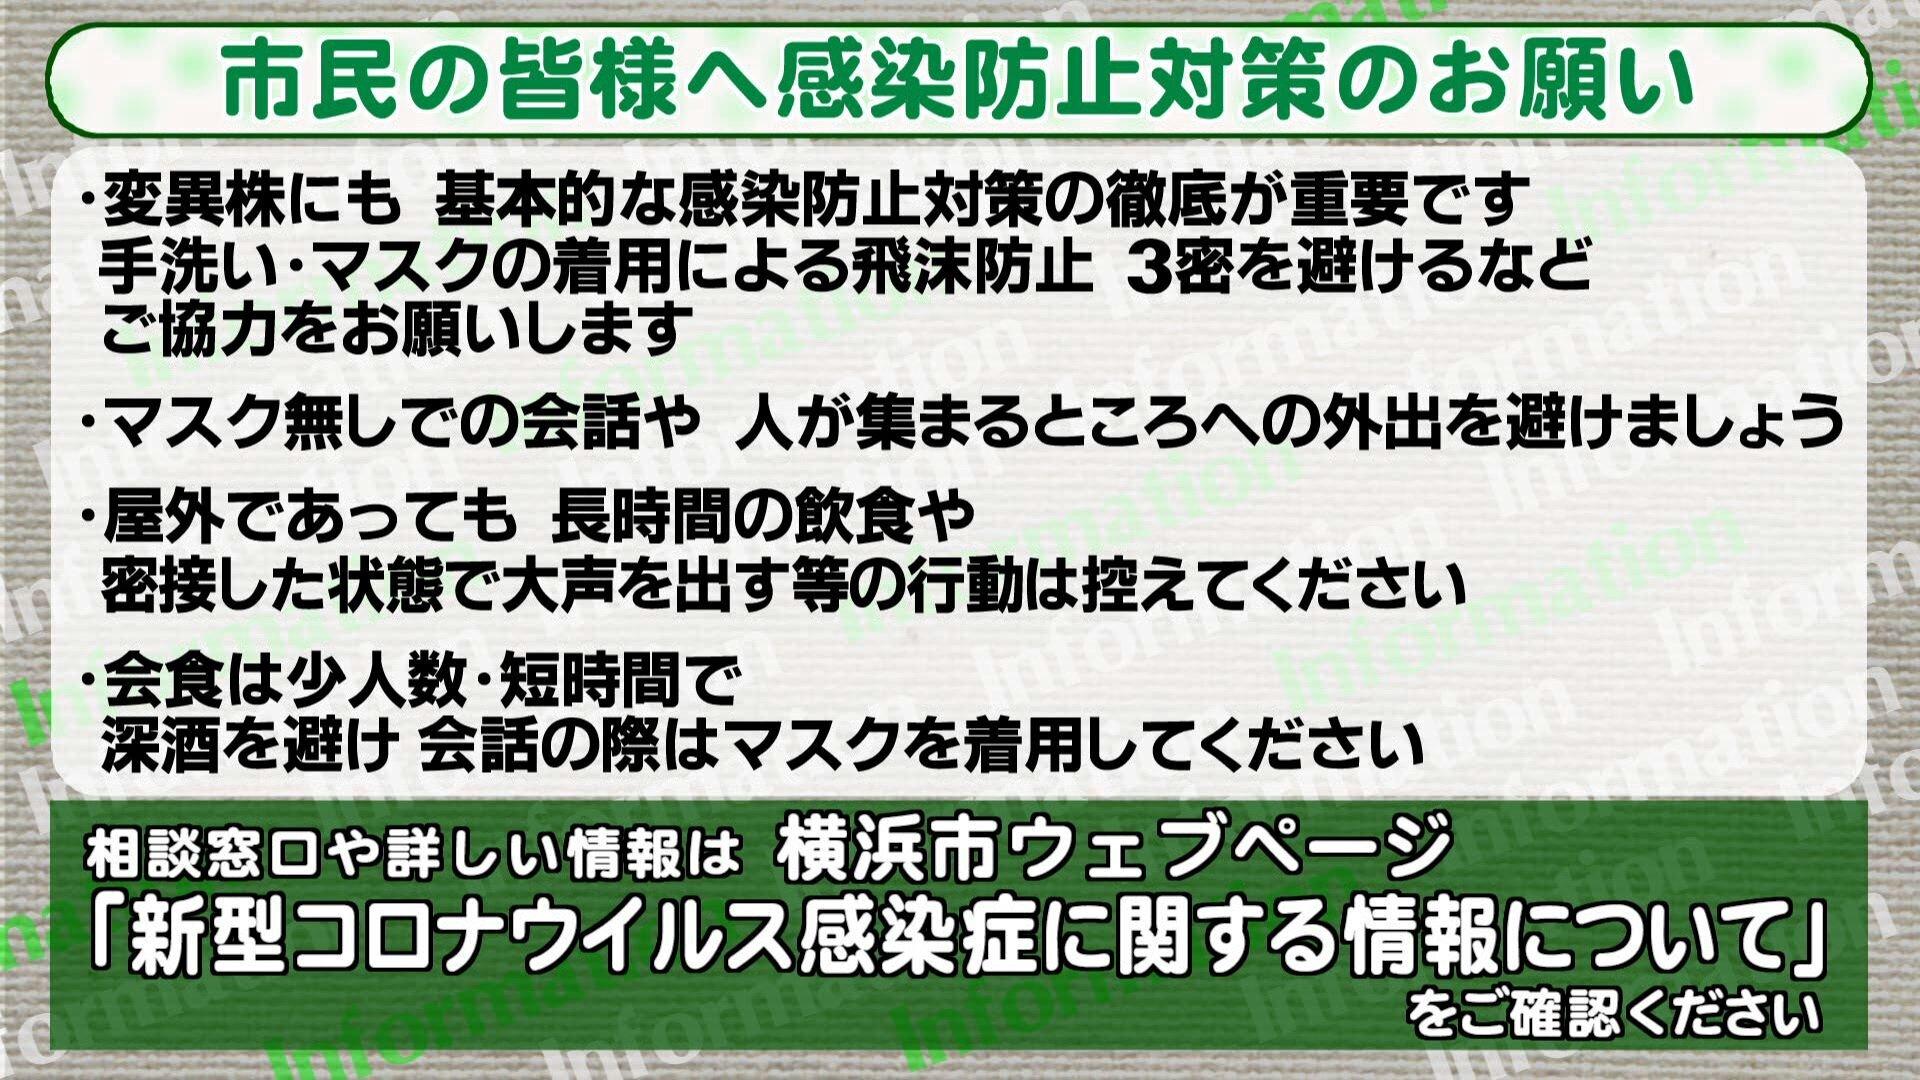 お知らせ 感染防止.jpg